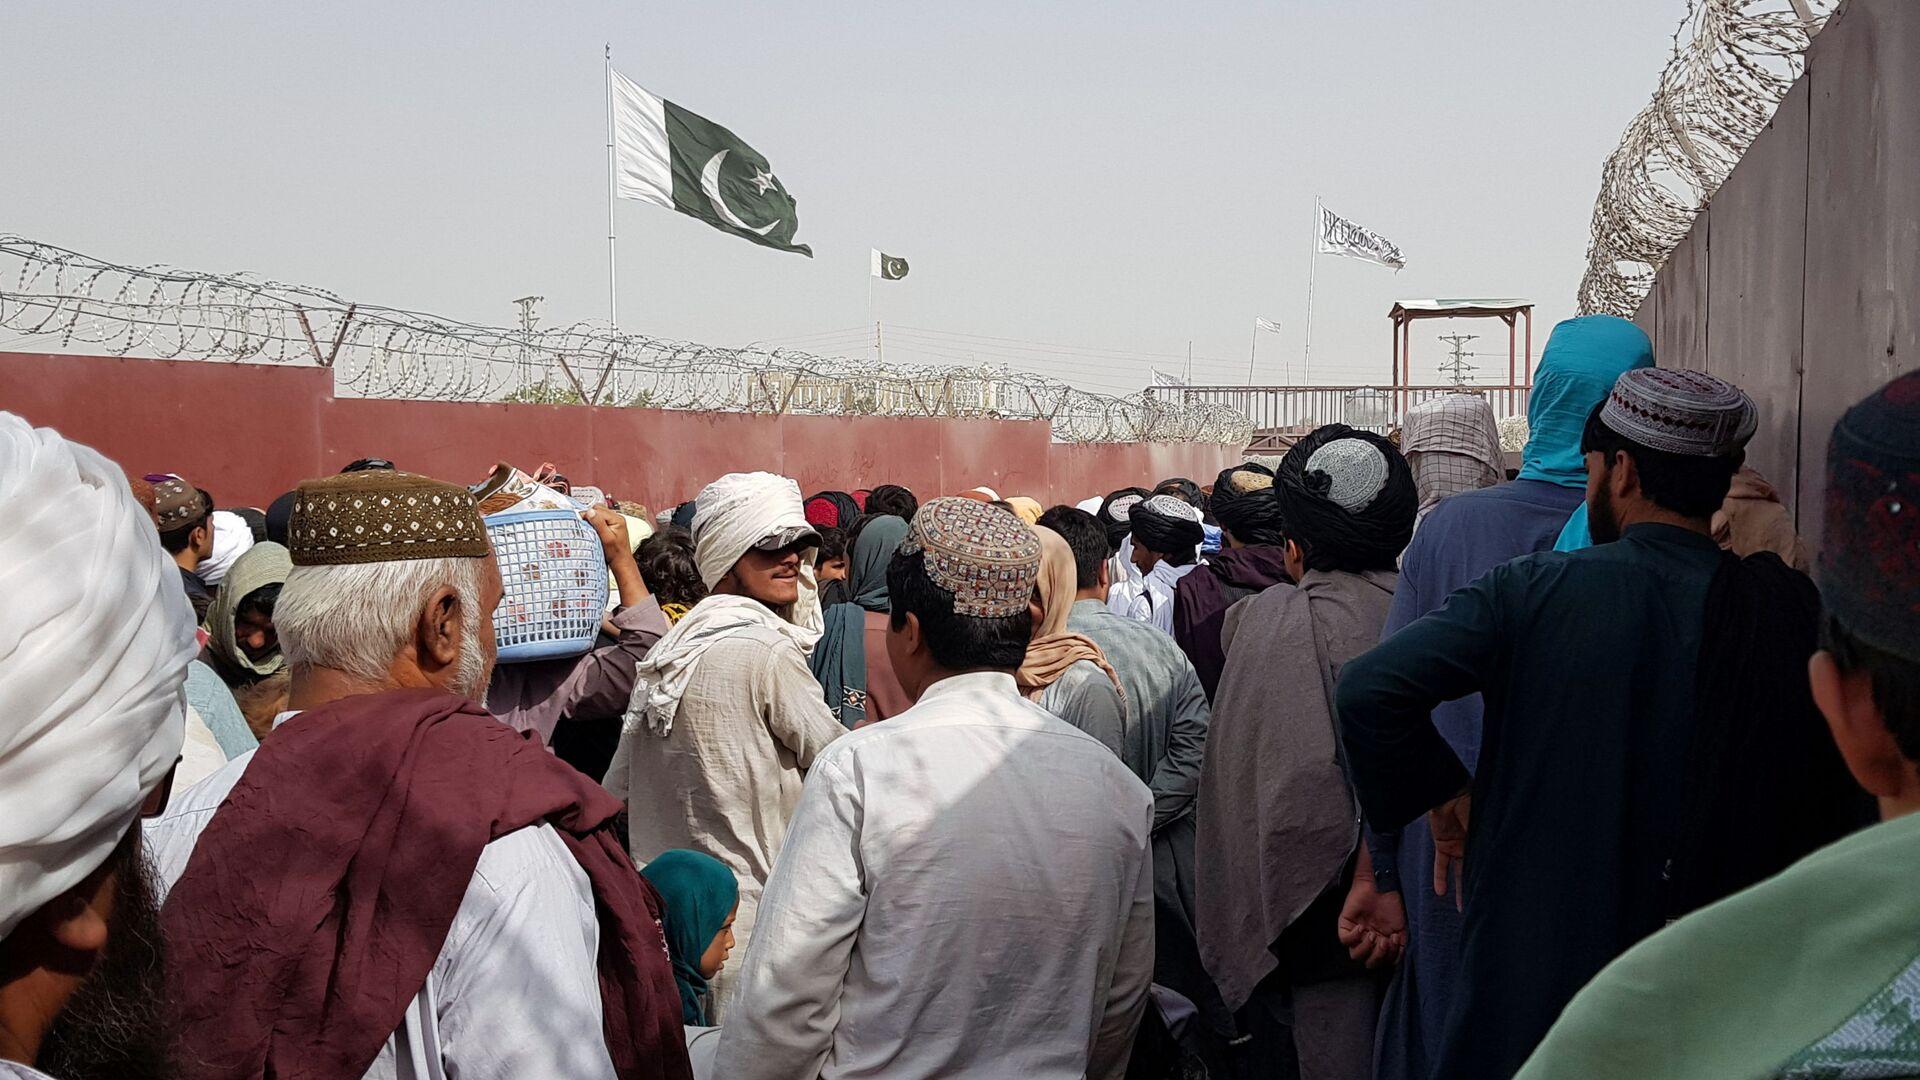 Flaga Pakistanu i flaga talibów widoczne na tylnym planie, kiedy ludzie kierują się do Afganistanu na przejściu granicznym Brama Przyjaźni w pakistańsko-afgańskim mieście granicznym Ćaman, Pakistan 15 sierpnia 2021 roku. - Sputnik Polska, 1920, 17.08.2021